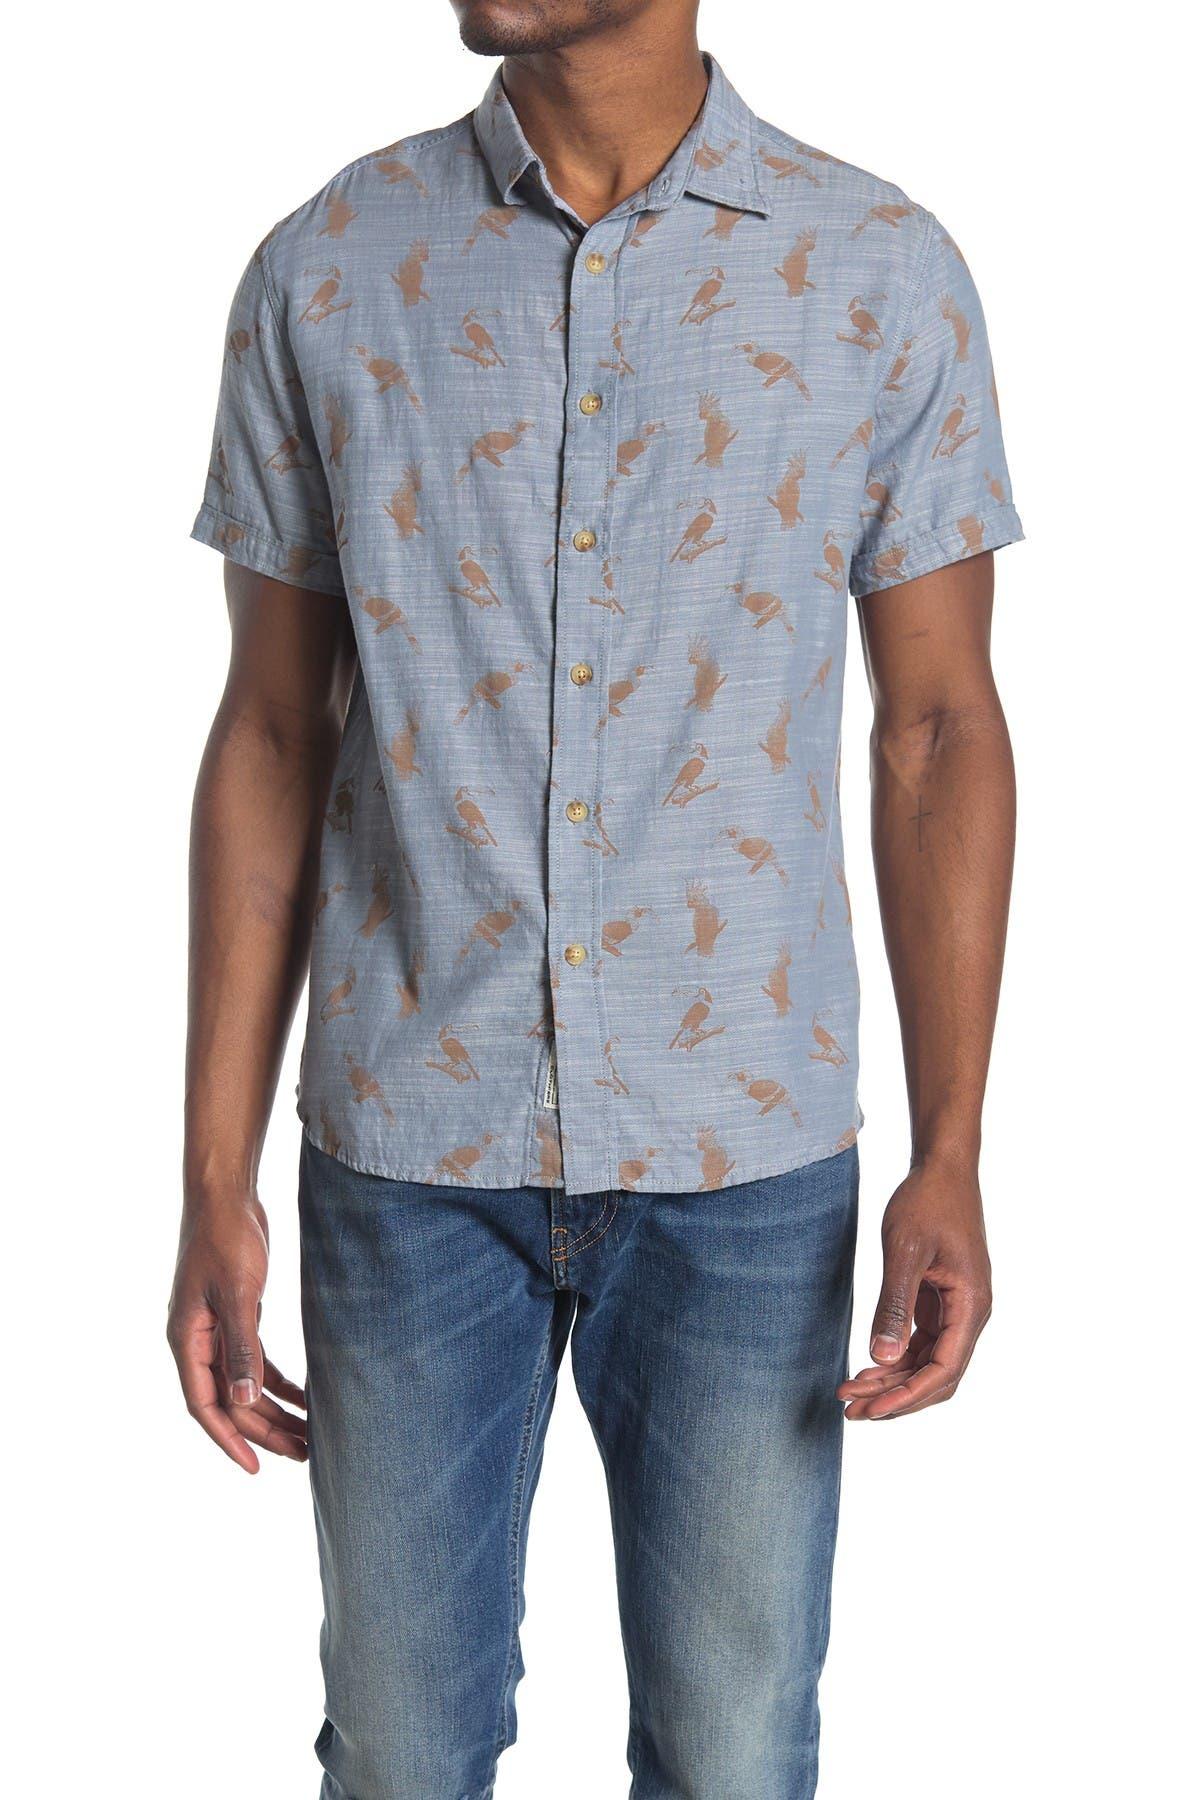 Image of Grayers Toucan Print Regular Fit Shirt